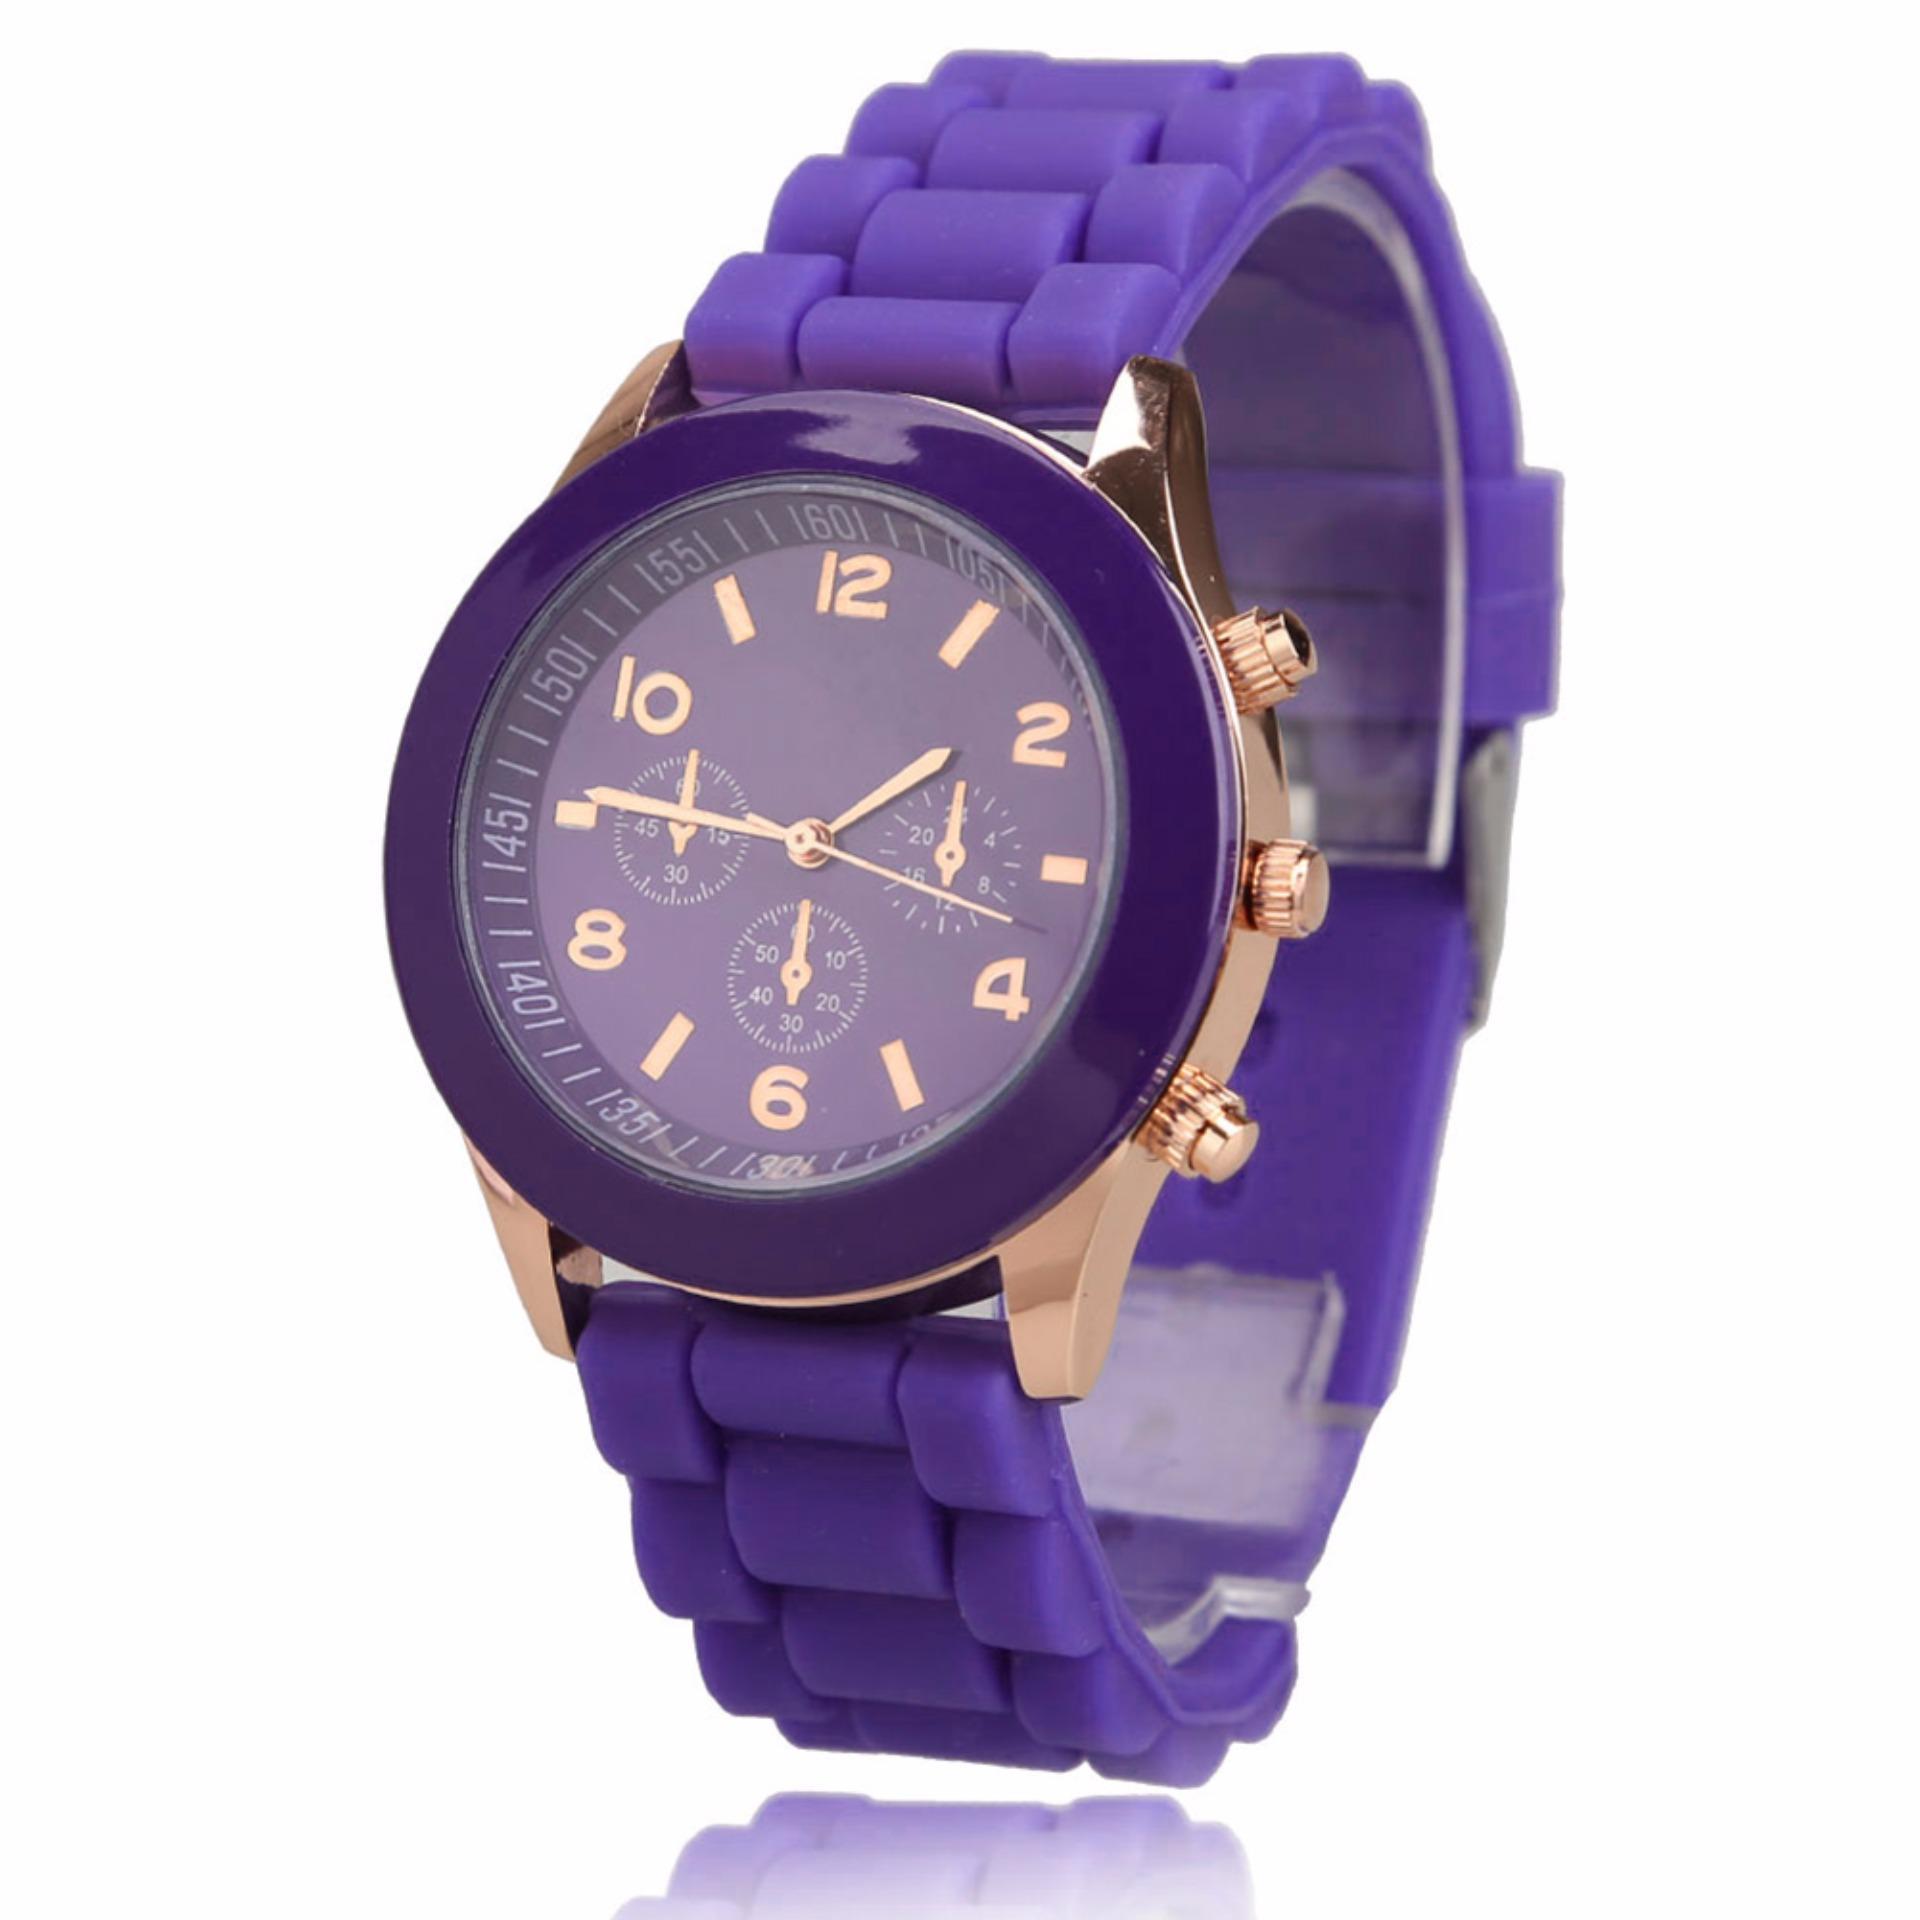 Giá bán Amart Girls Candy Wrist Watch Quartz Silicon Watchband (Purple) - intl